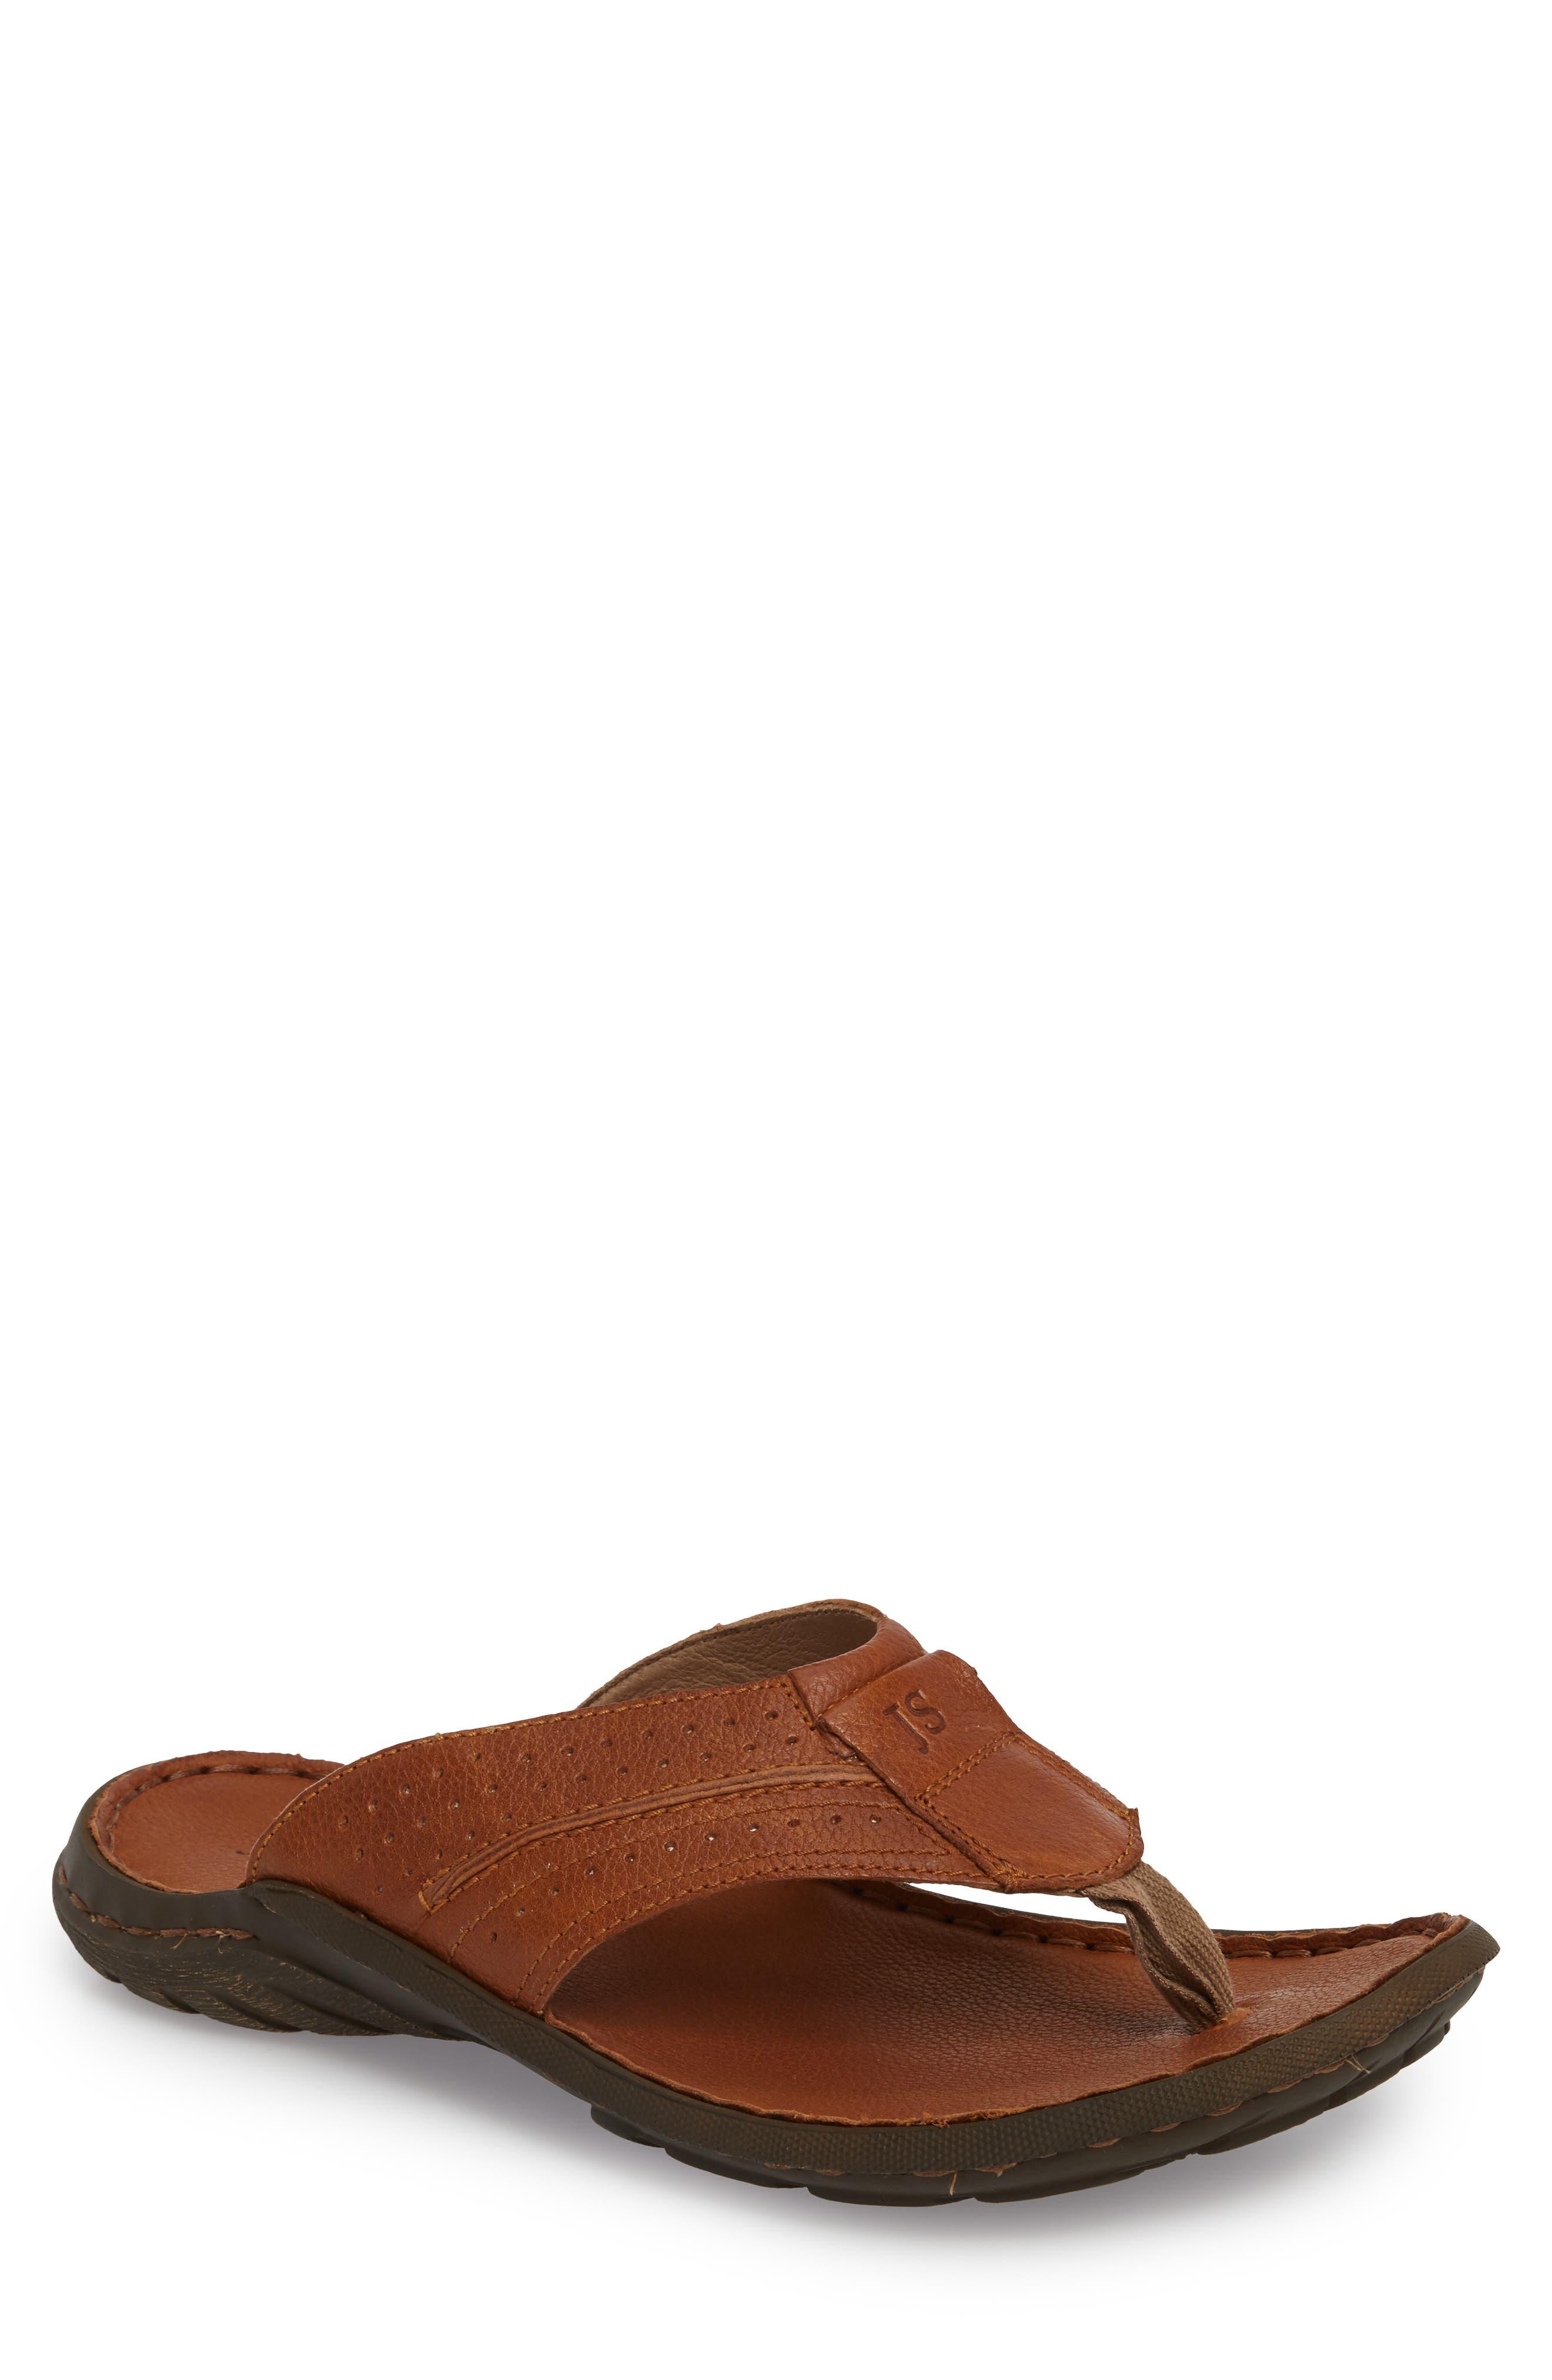 Logan Flip Flop,                         Main,                         color, Brown Leather